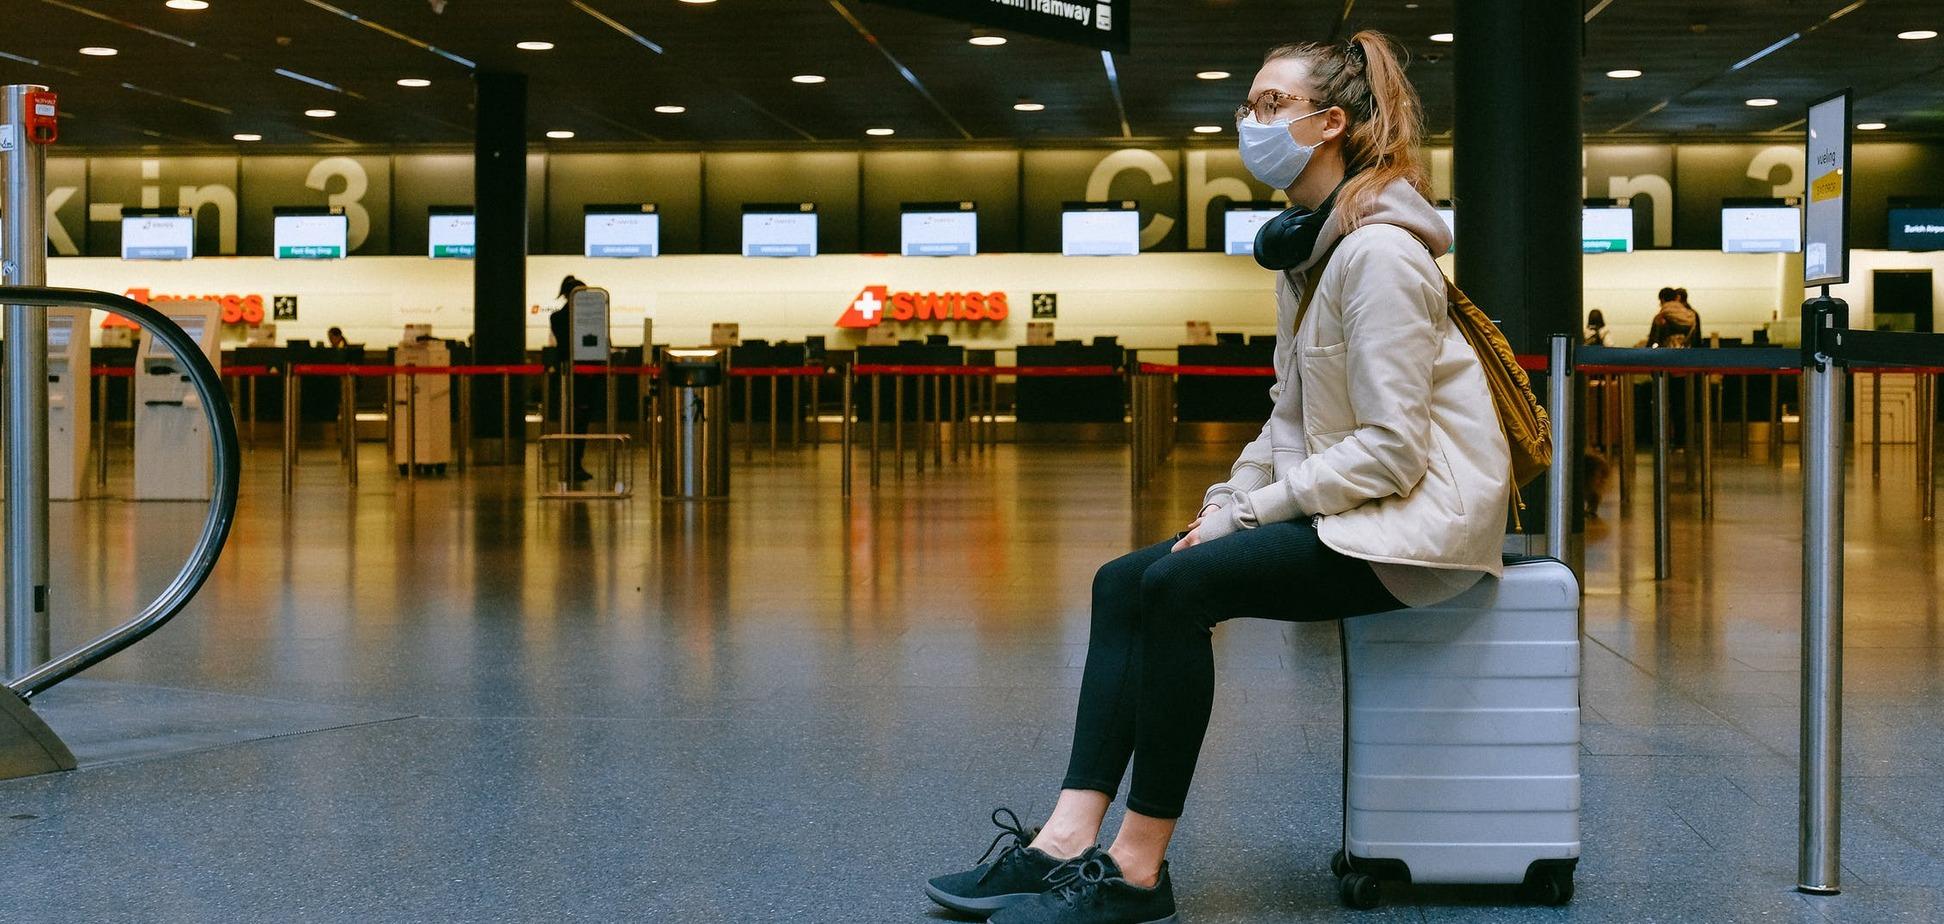 Как путешествовать во время пандемии коронавируса: назван главный совет